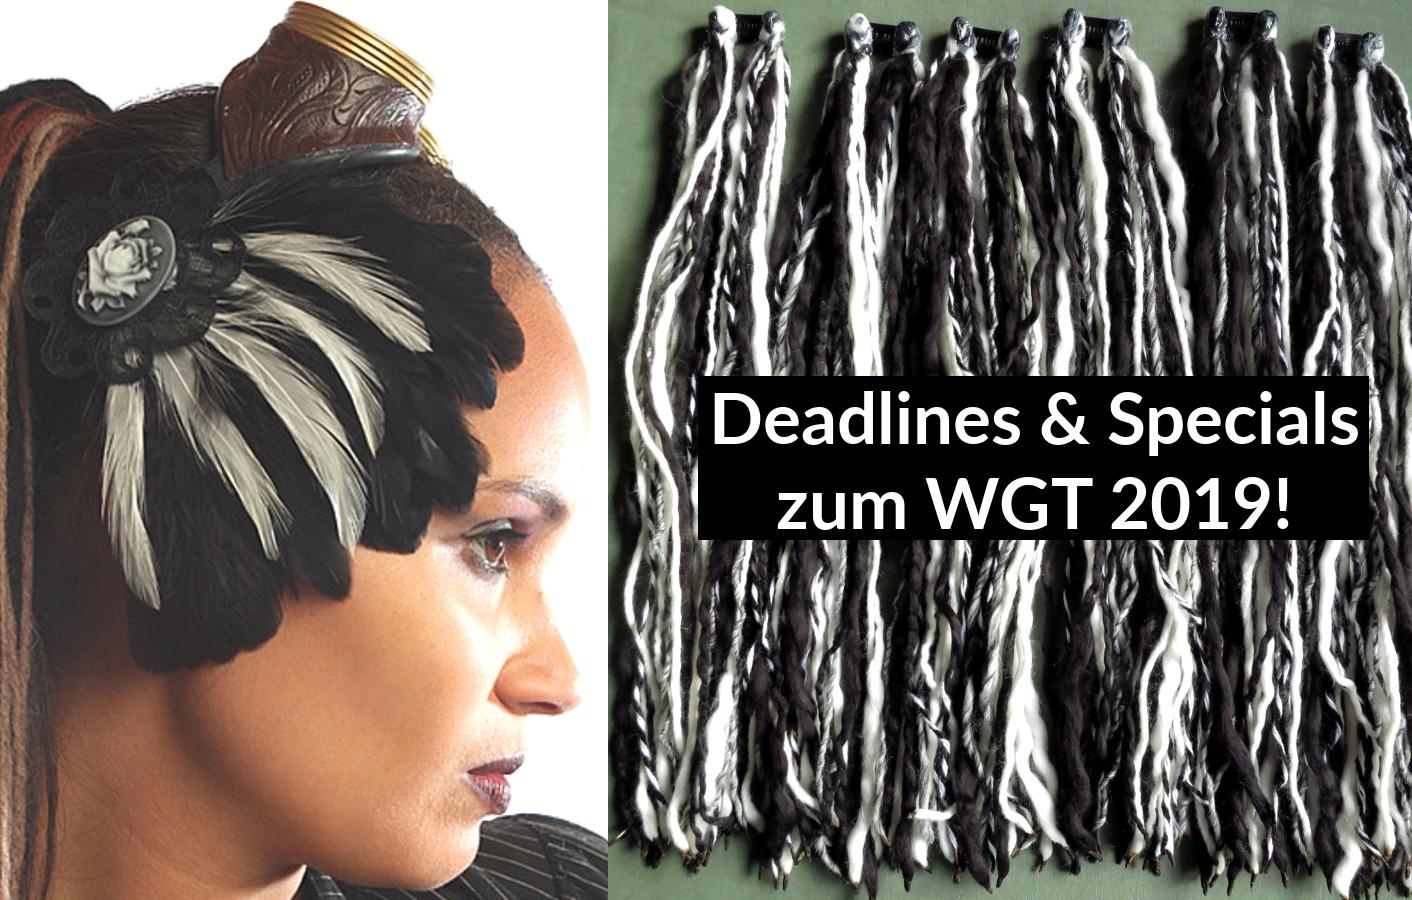 Deadlines & Specials zum Wave Gotik Treffen, Pfingsten 2019 (Lesezeit: 5 Minuten)